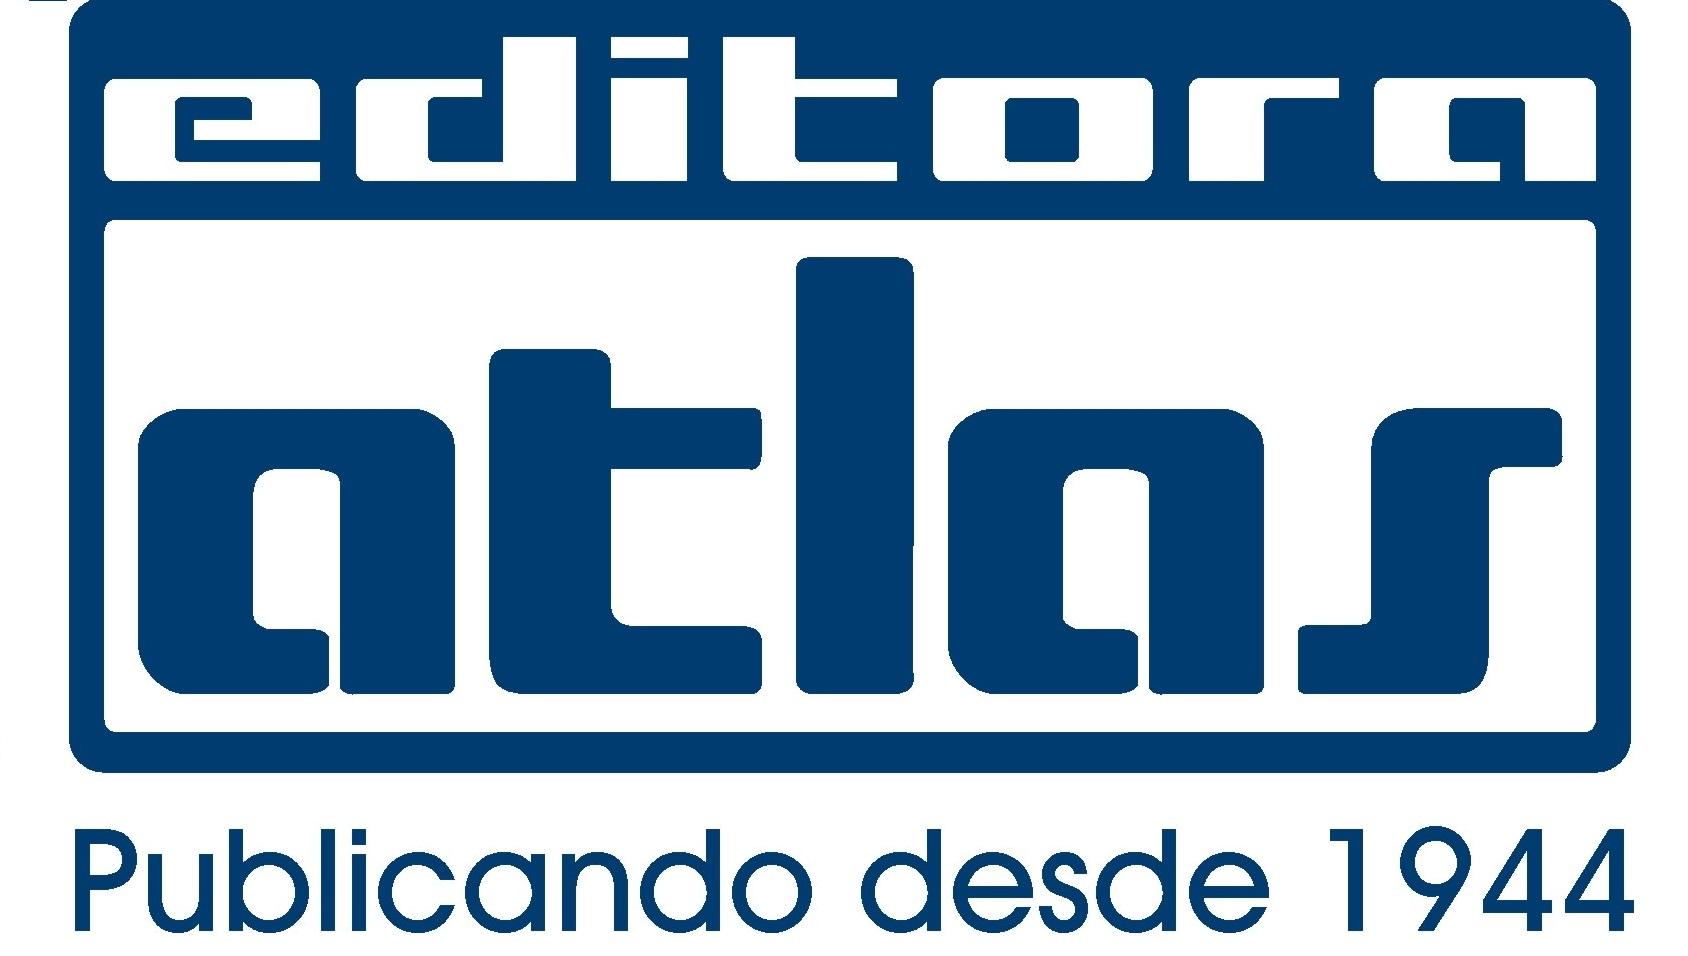 Editora Atlas - Cliente de 2004 até 2006